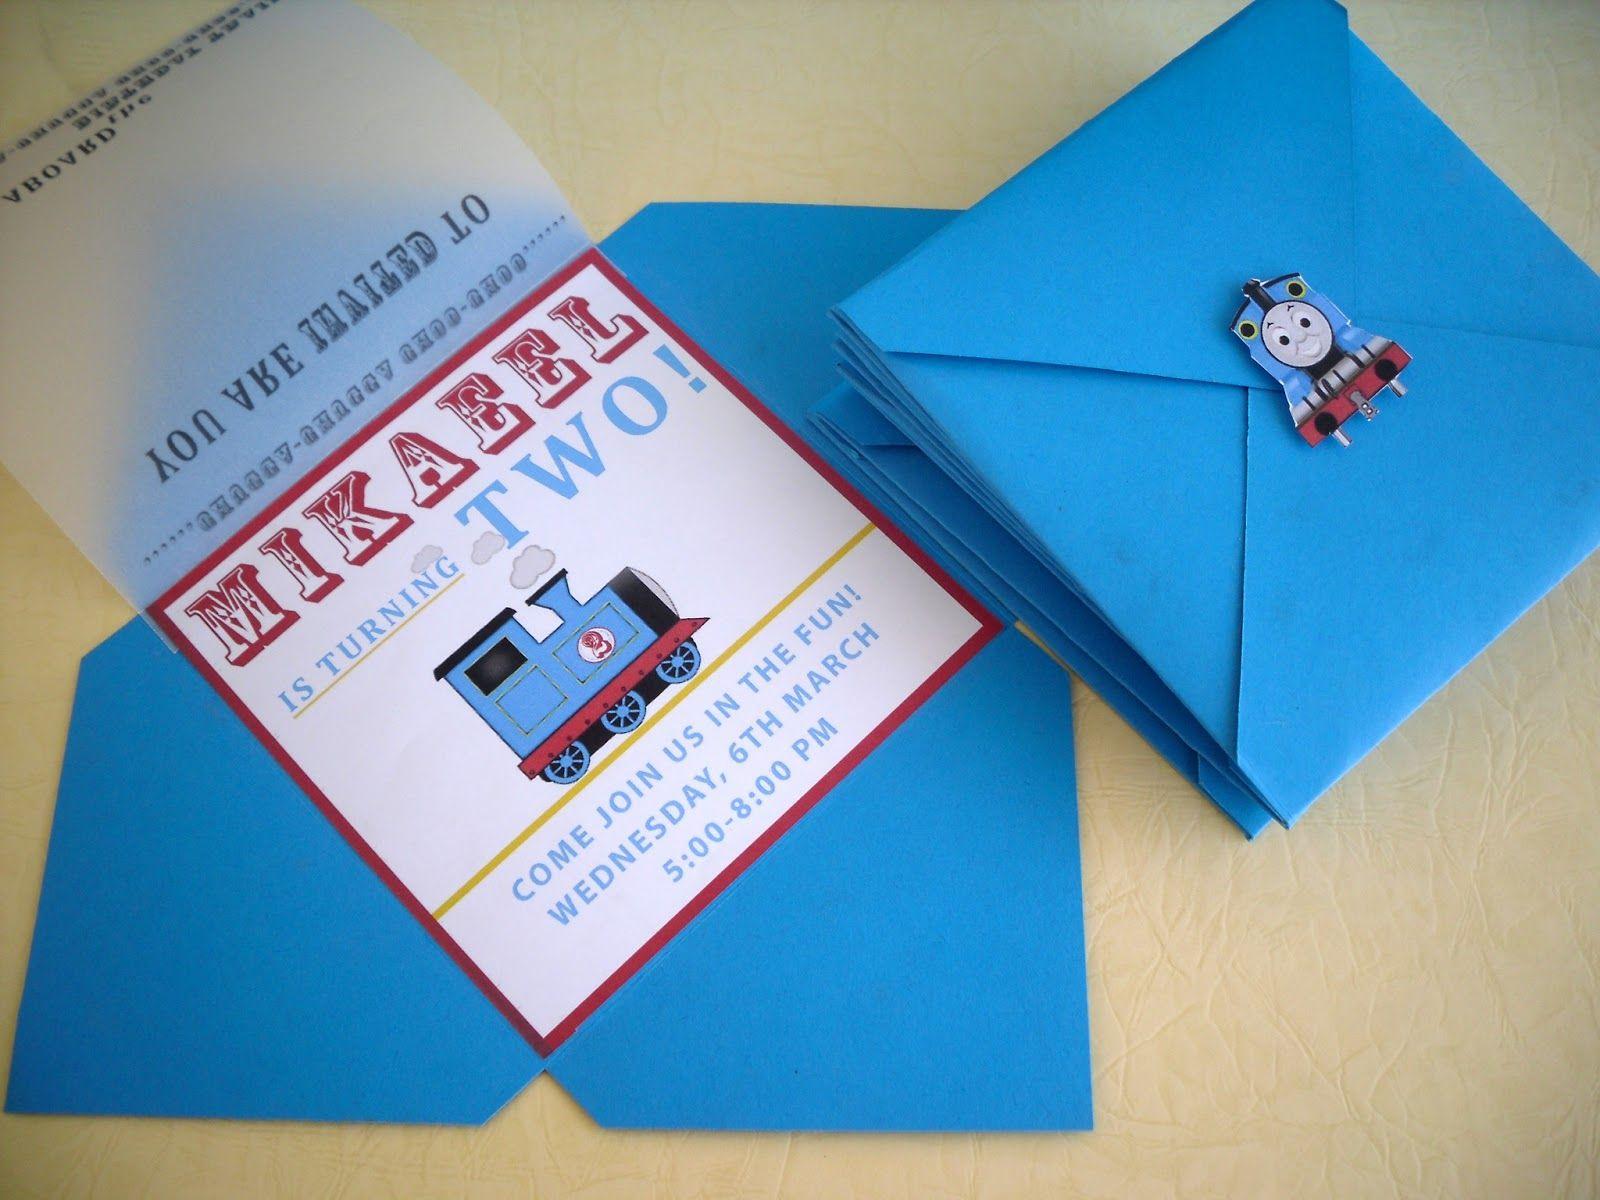 Thomas+invite+4b.JPG (1600×1200)   Party!   Pinterest   Birthdays